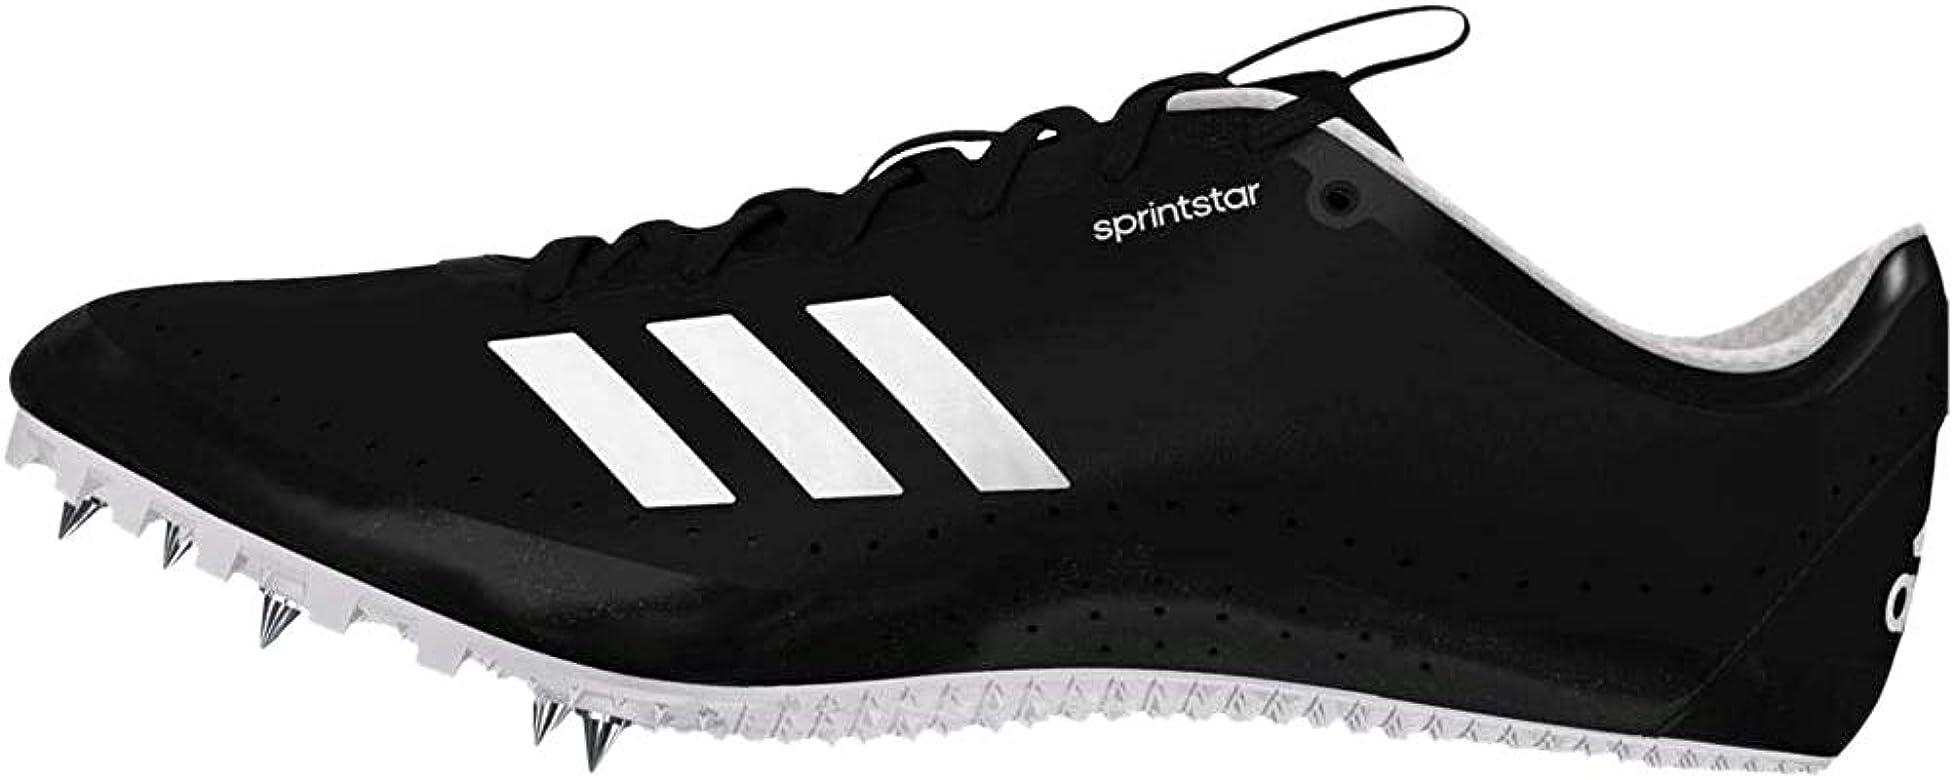 sprintstar spikes